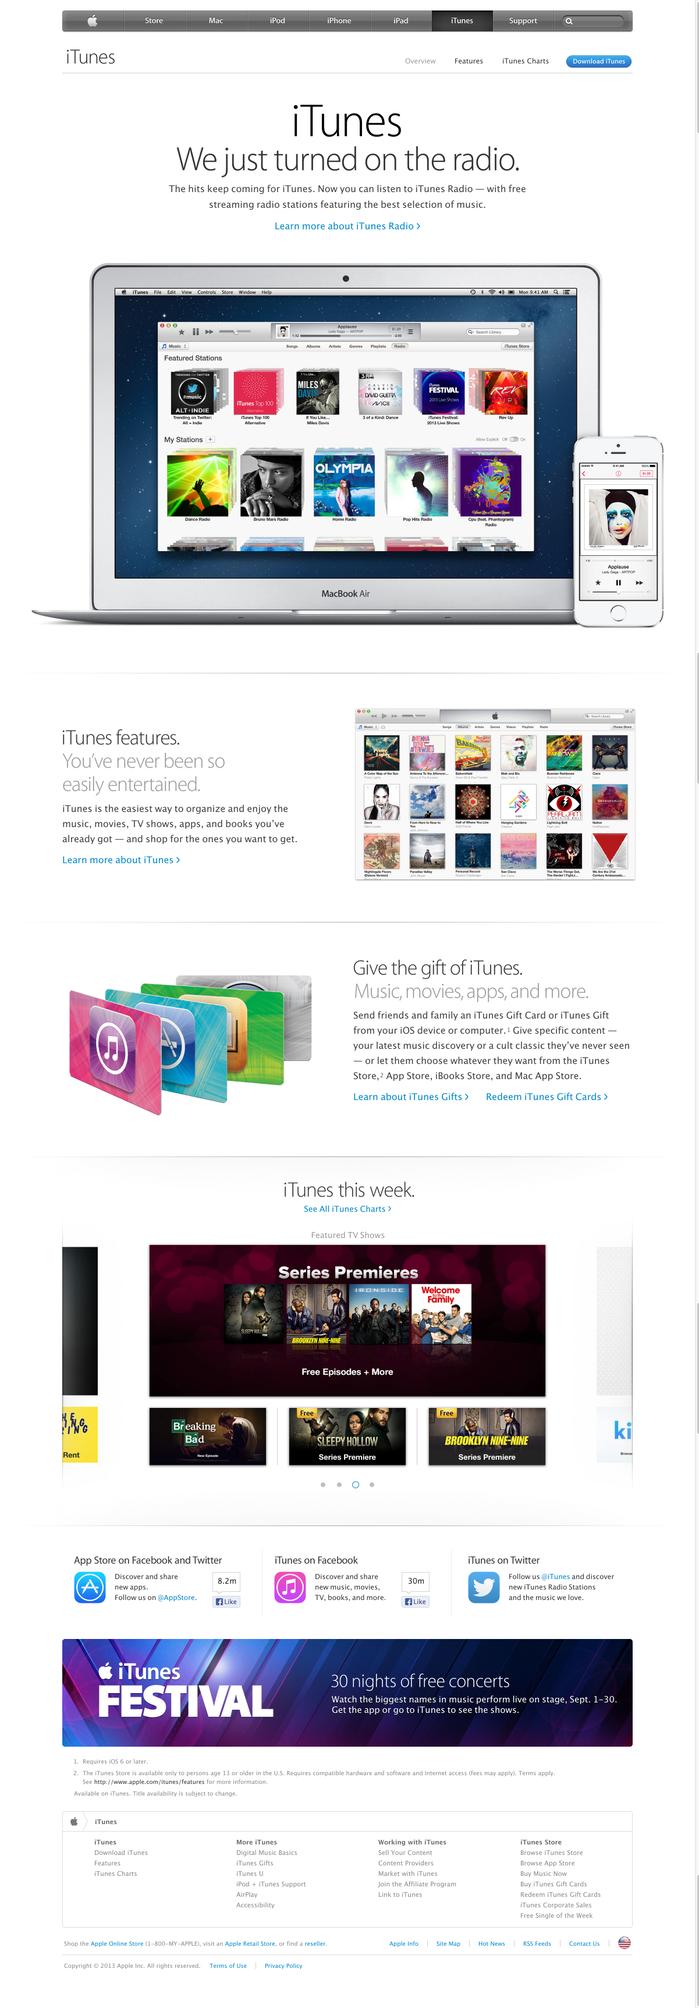 Apple.com (Sep, 2013) 1